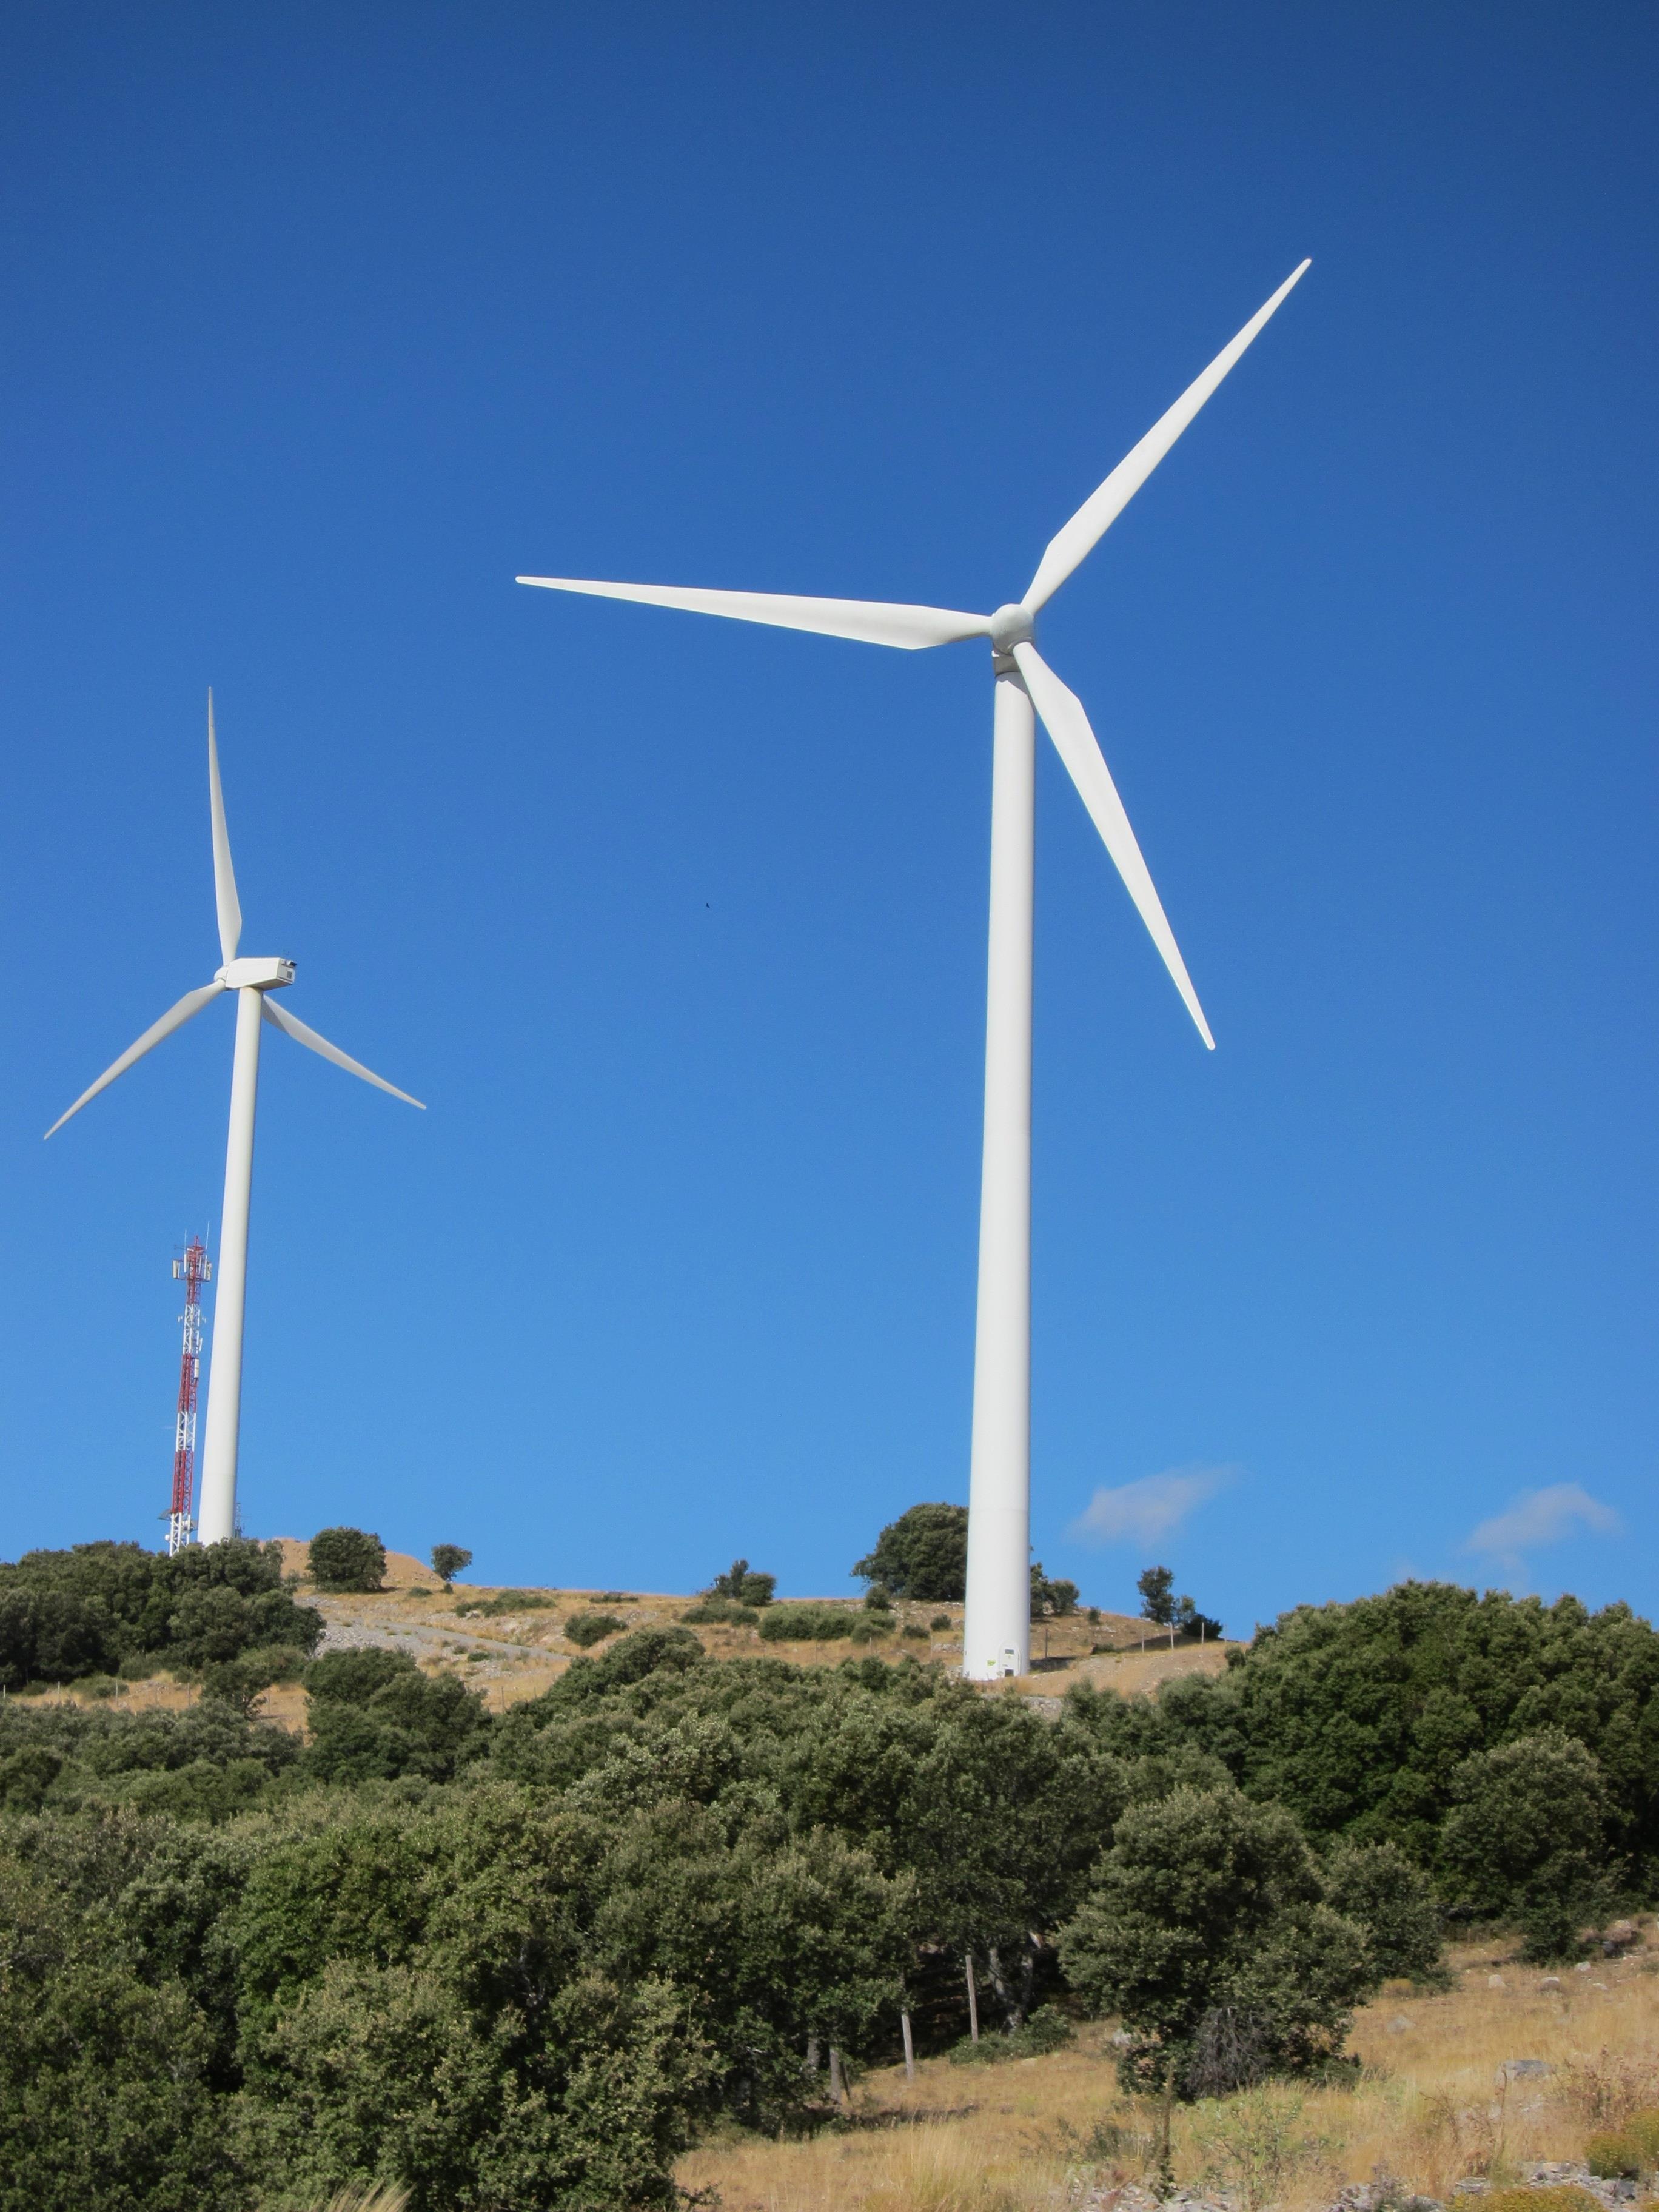 Ep_molinos_aerogeneradores_eolico_energi_eolica_viento